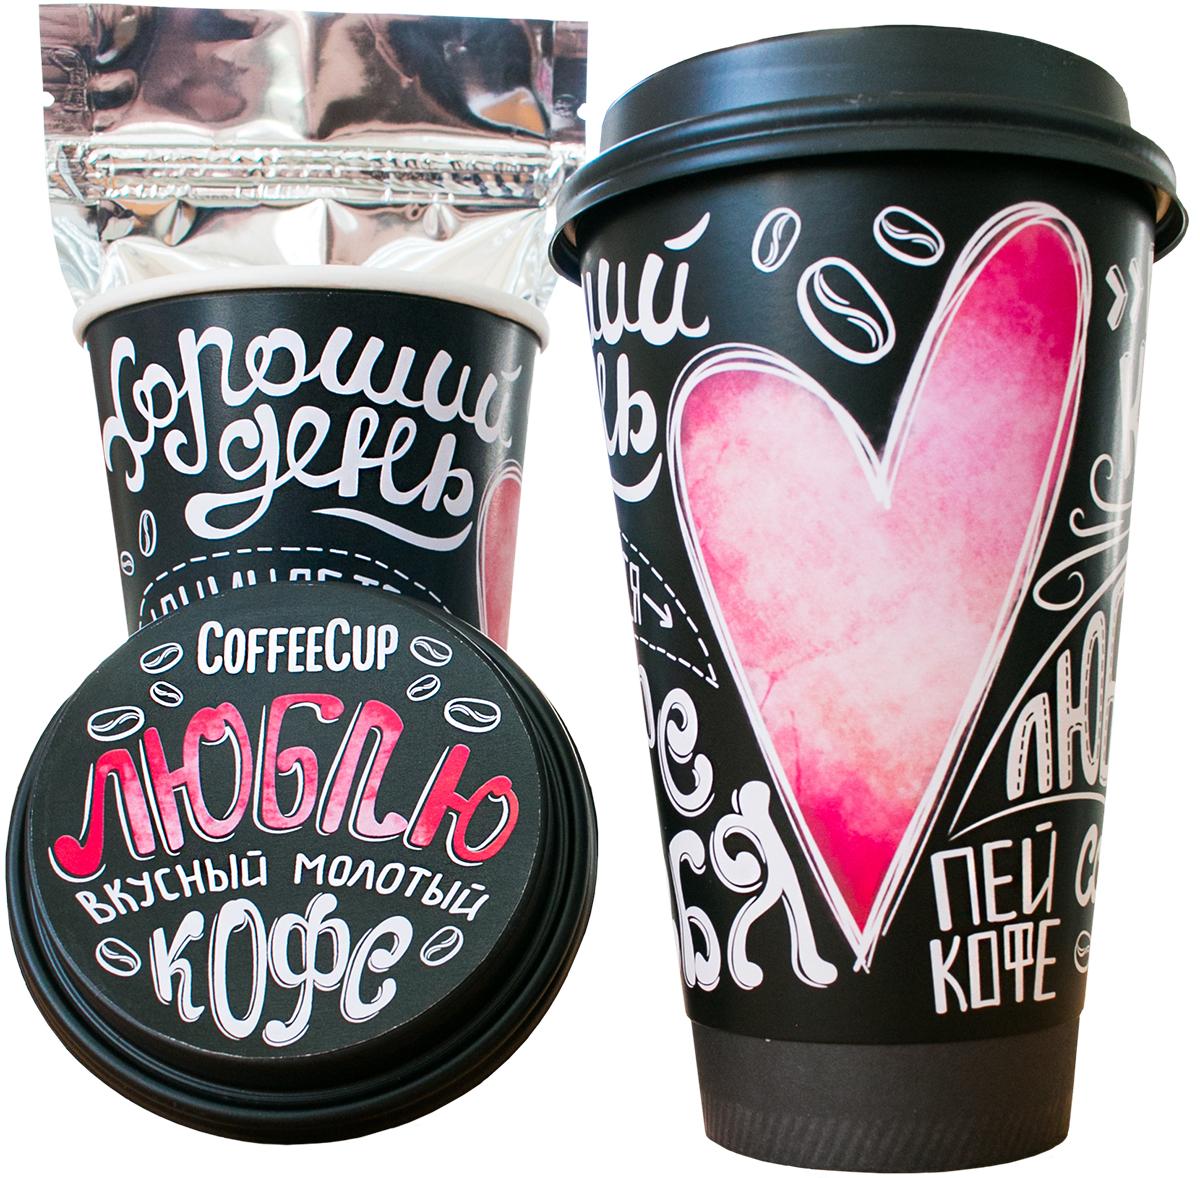 Chokocat Люблю молотый кофе, 100 г именной кофе пей кофе